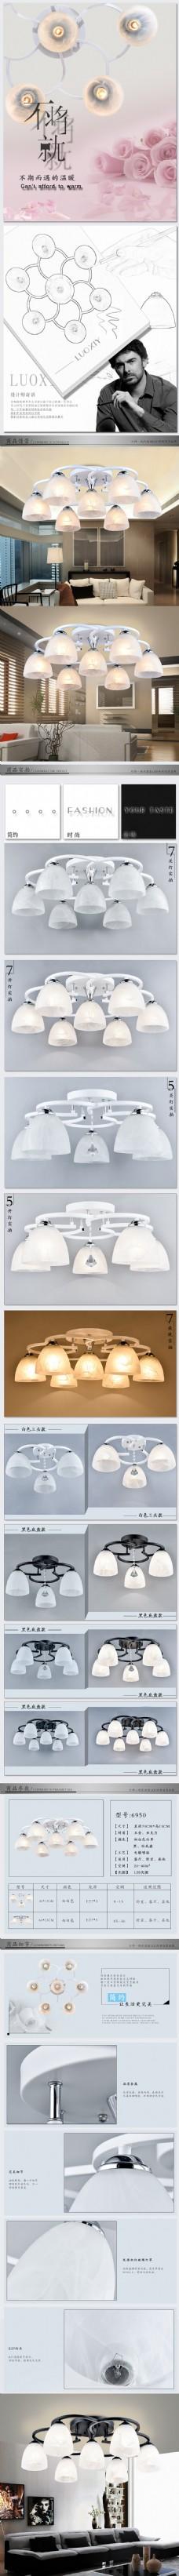 淘宝天猫京东现代简约吸顶灯原创详情设计